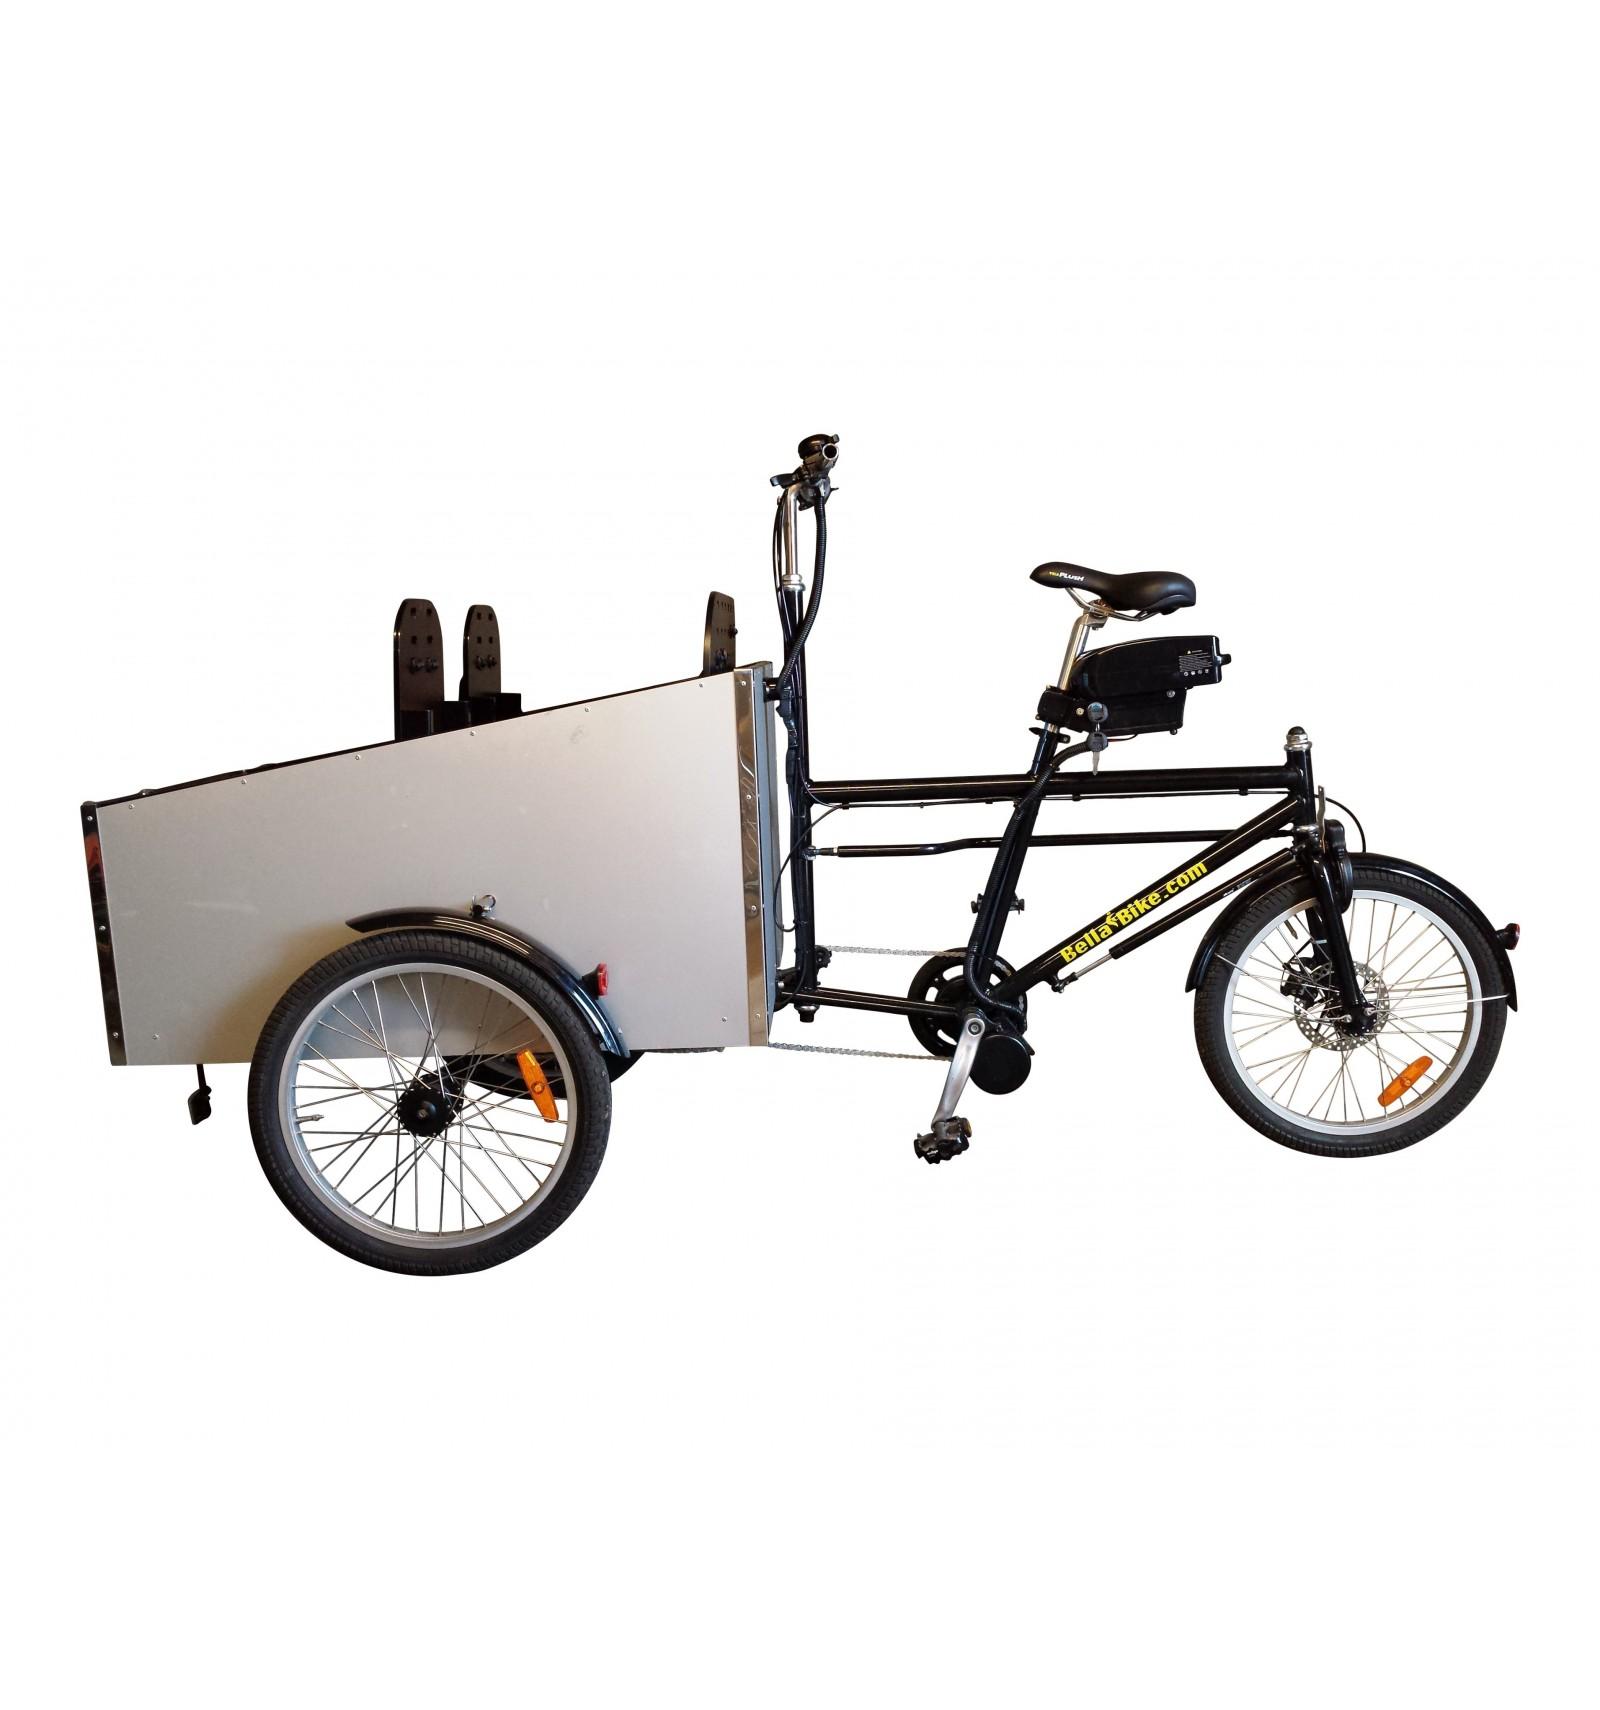 #B46117 Mest effektive Gør Det Selv Elcykel Kit Til Bella Bike Sorte Jernhest Og Peter Pedal Ladcykel Gør Det Selv El Cykel 5135 160017105135